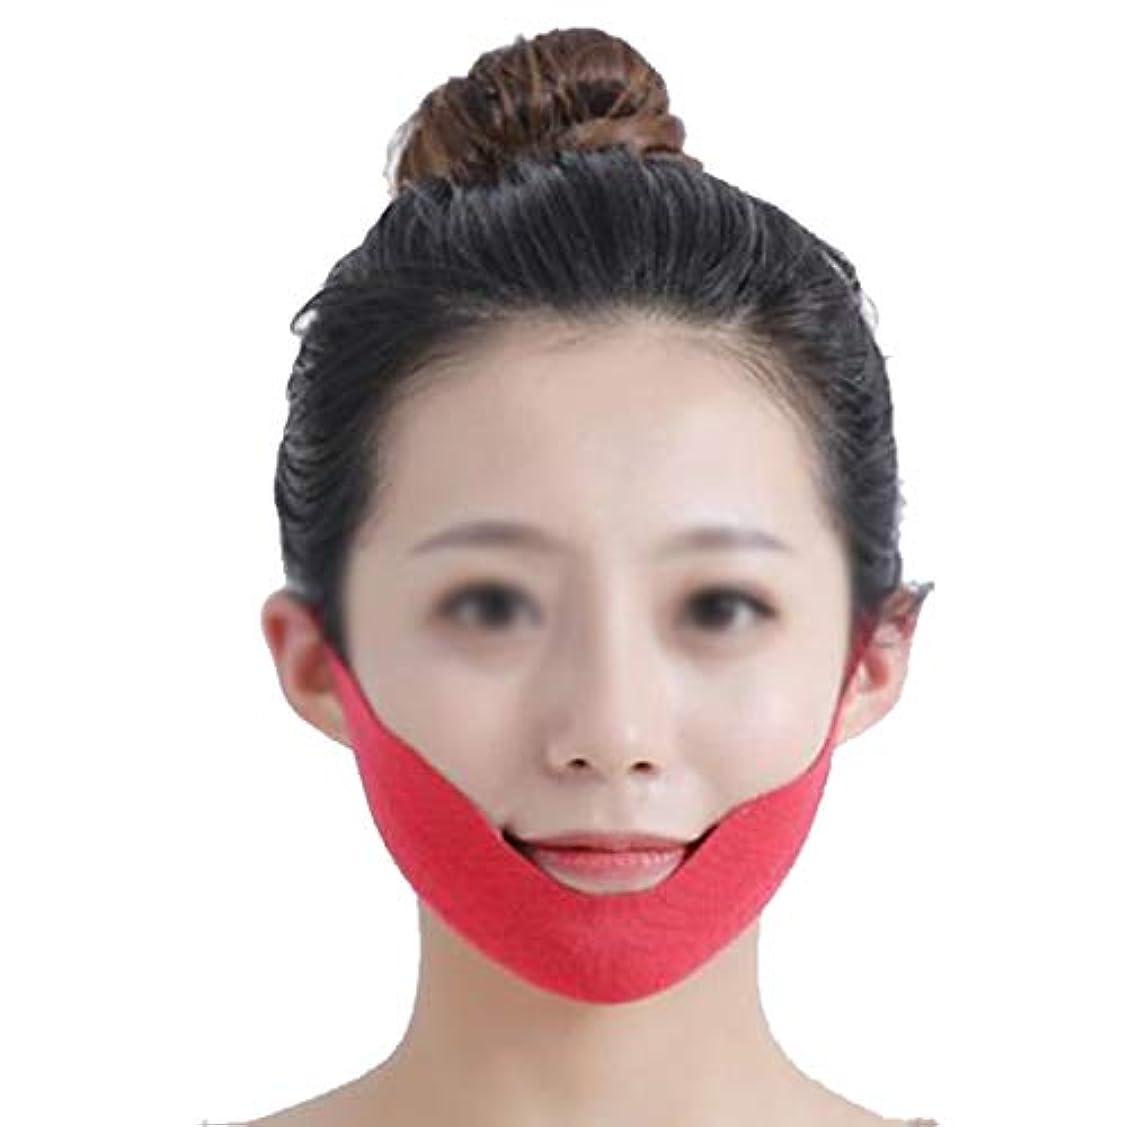 つば算術蚊ZWBD フェイスマスク, 薄いフェイスマスク小さなVフェイスマスクリフティングイヤーストラップ包帯アーティファクトペーストハイドロゲル